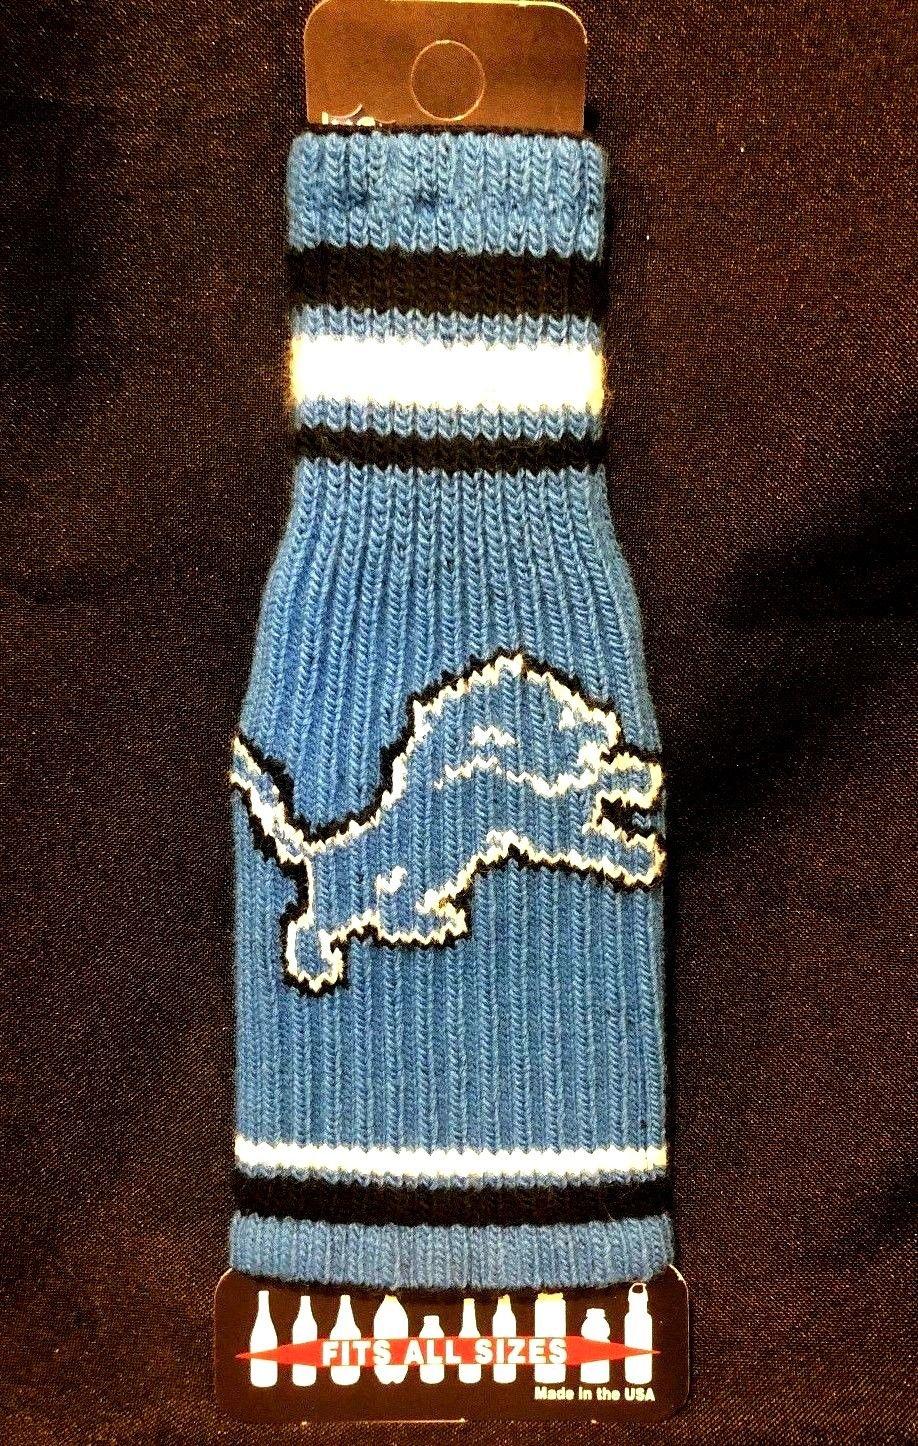 Detroit lions nfl krazy kover koozie - $5.00